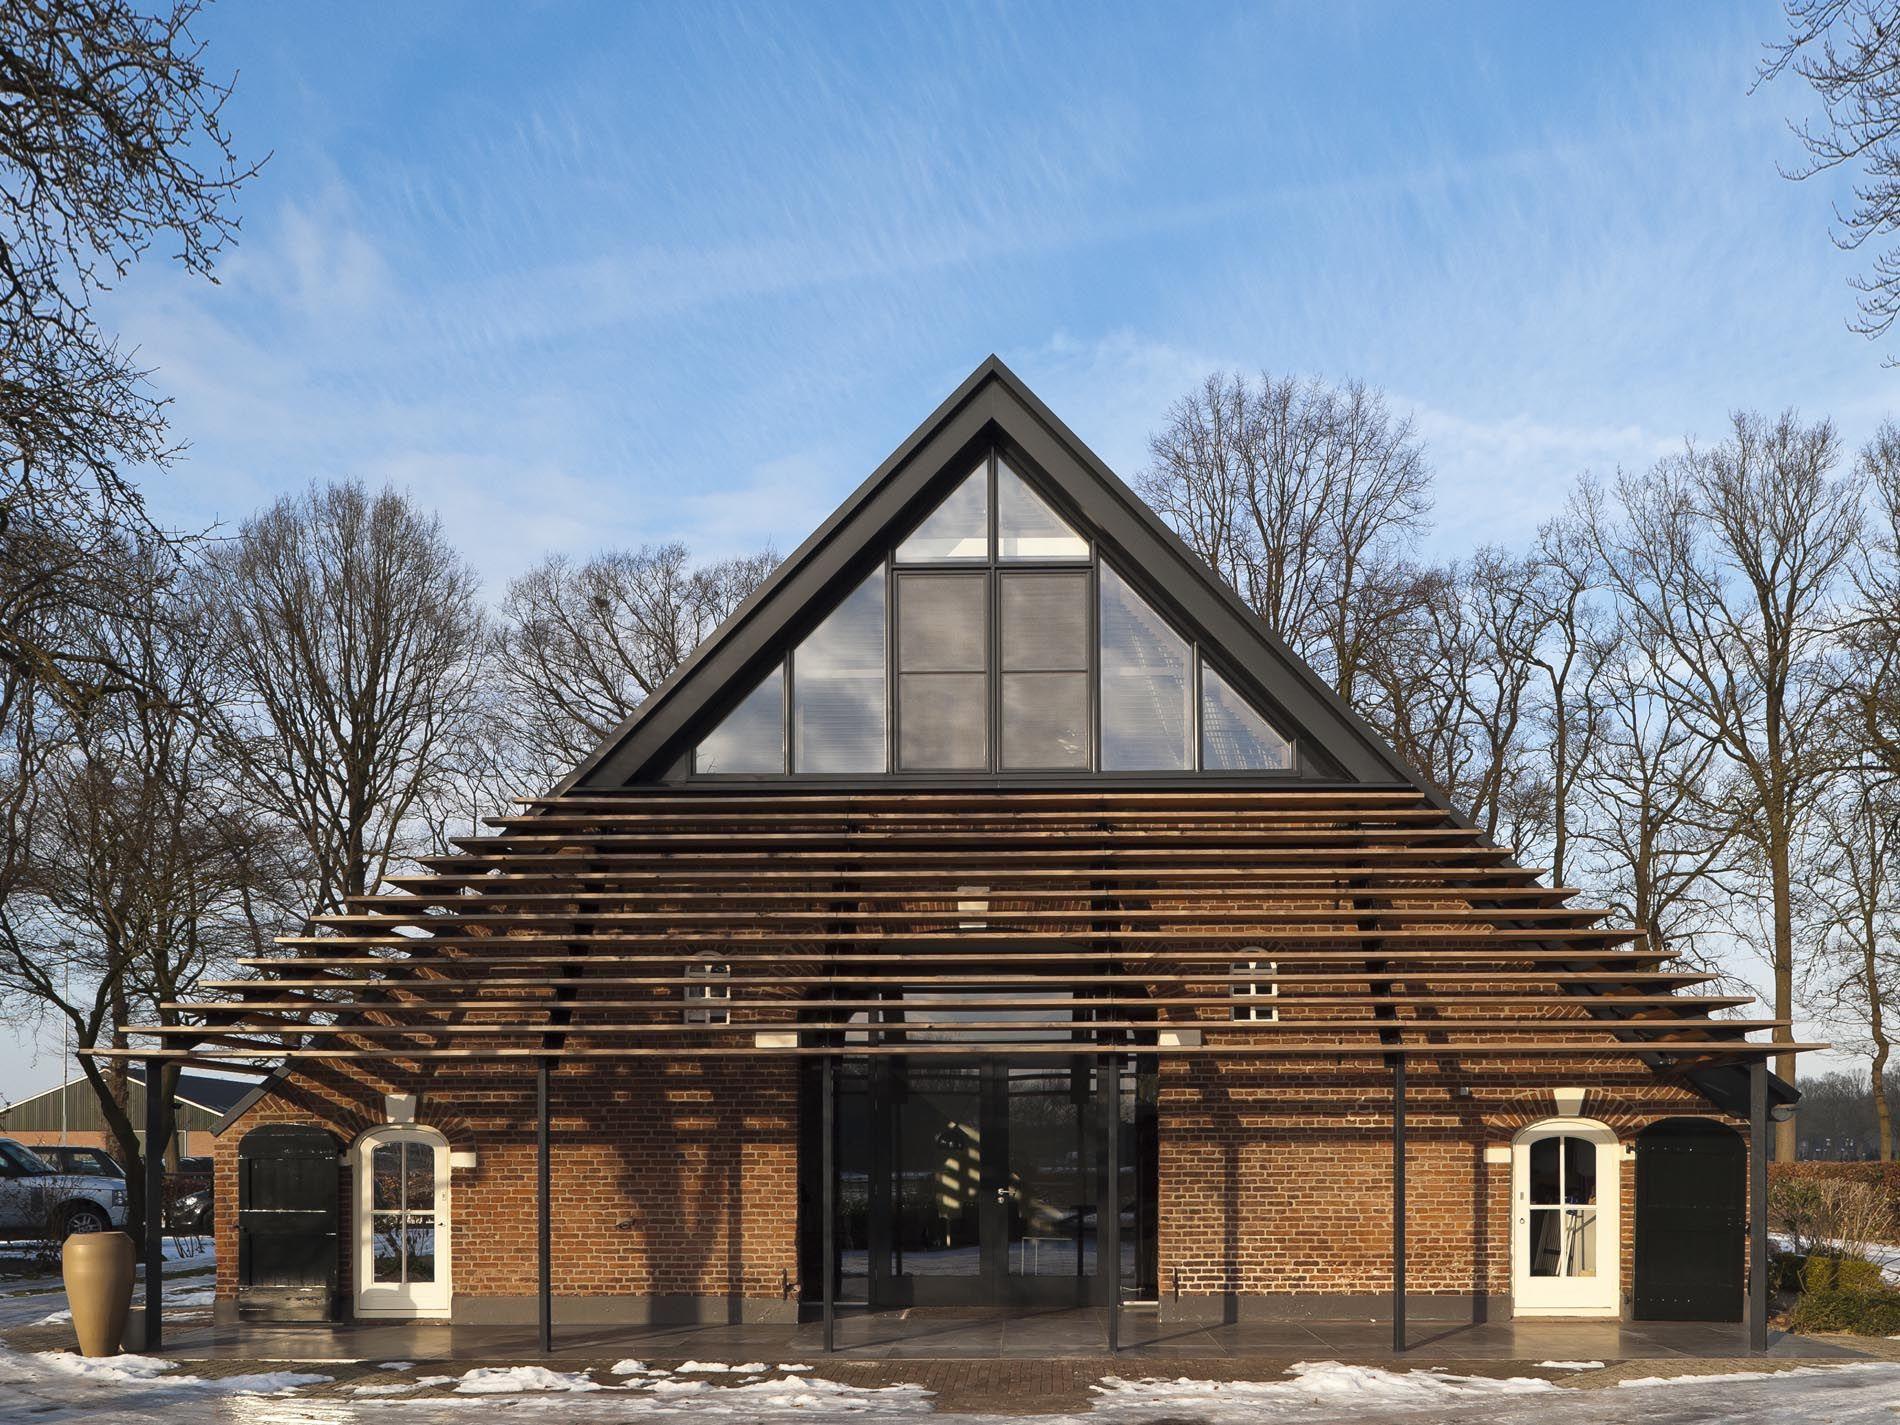 Inspiratie materiaal gebruik dak staldeuren project de warande pinterest modern barn - Ontwerp buitenkant ontwerp ...